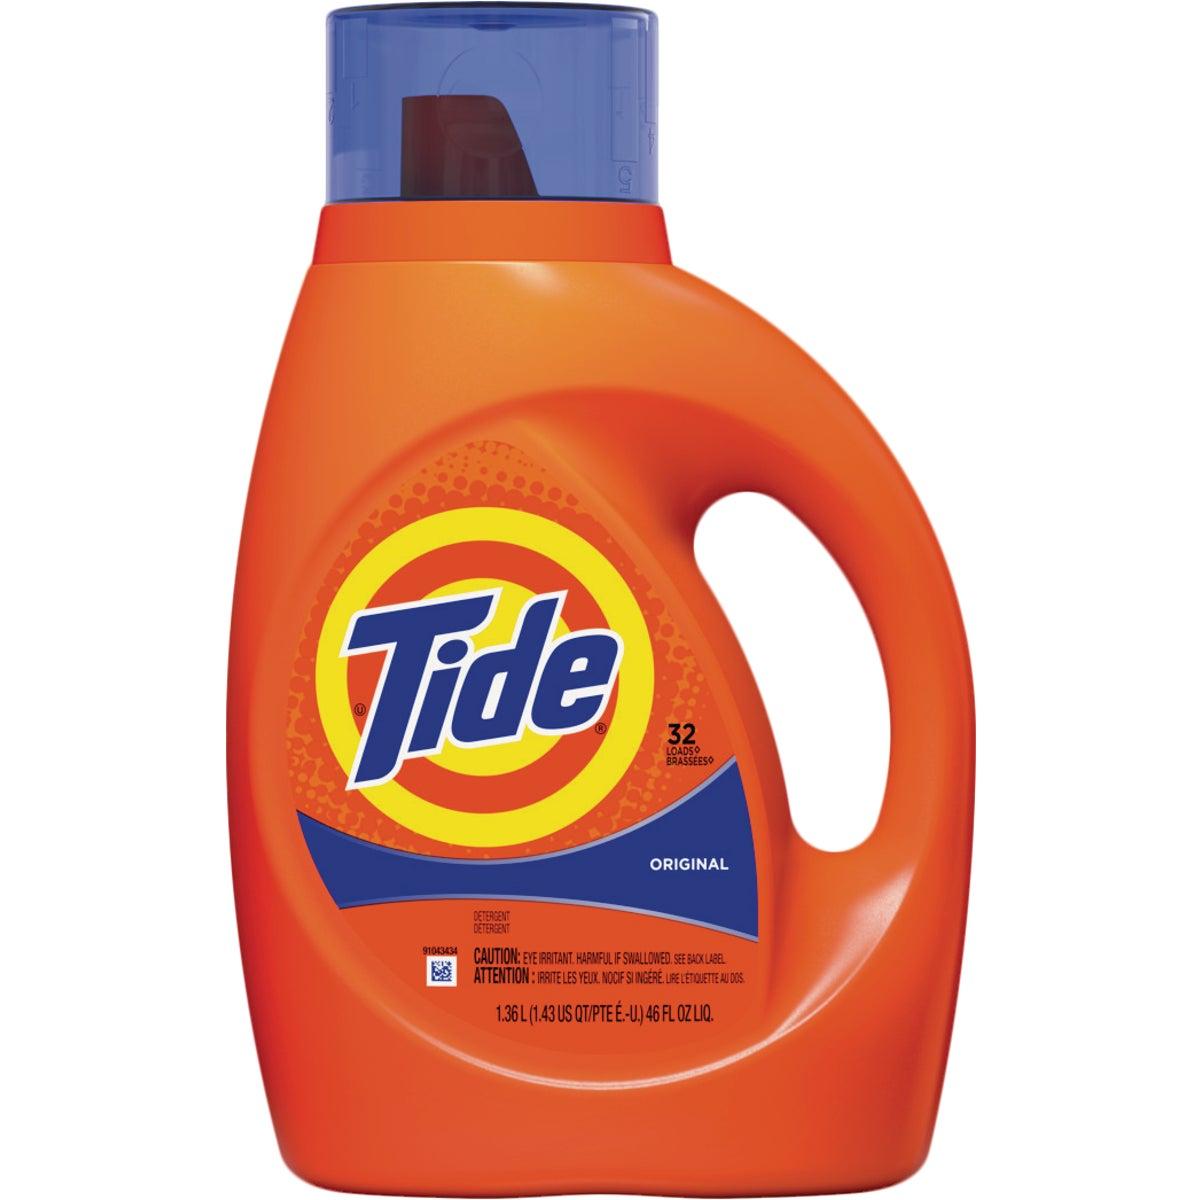 Tide Liquid Laundry Detergent, 13878